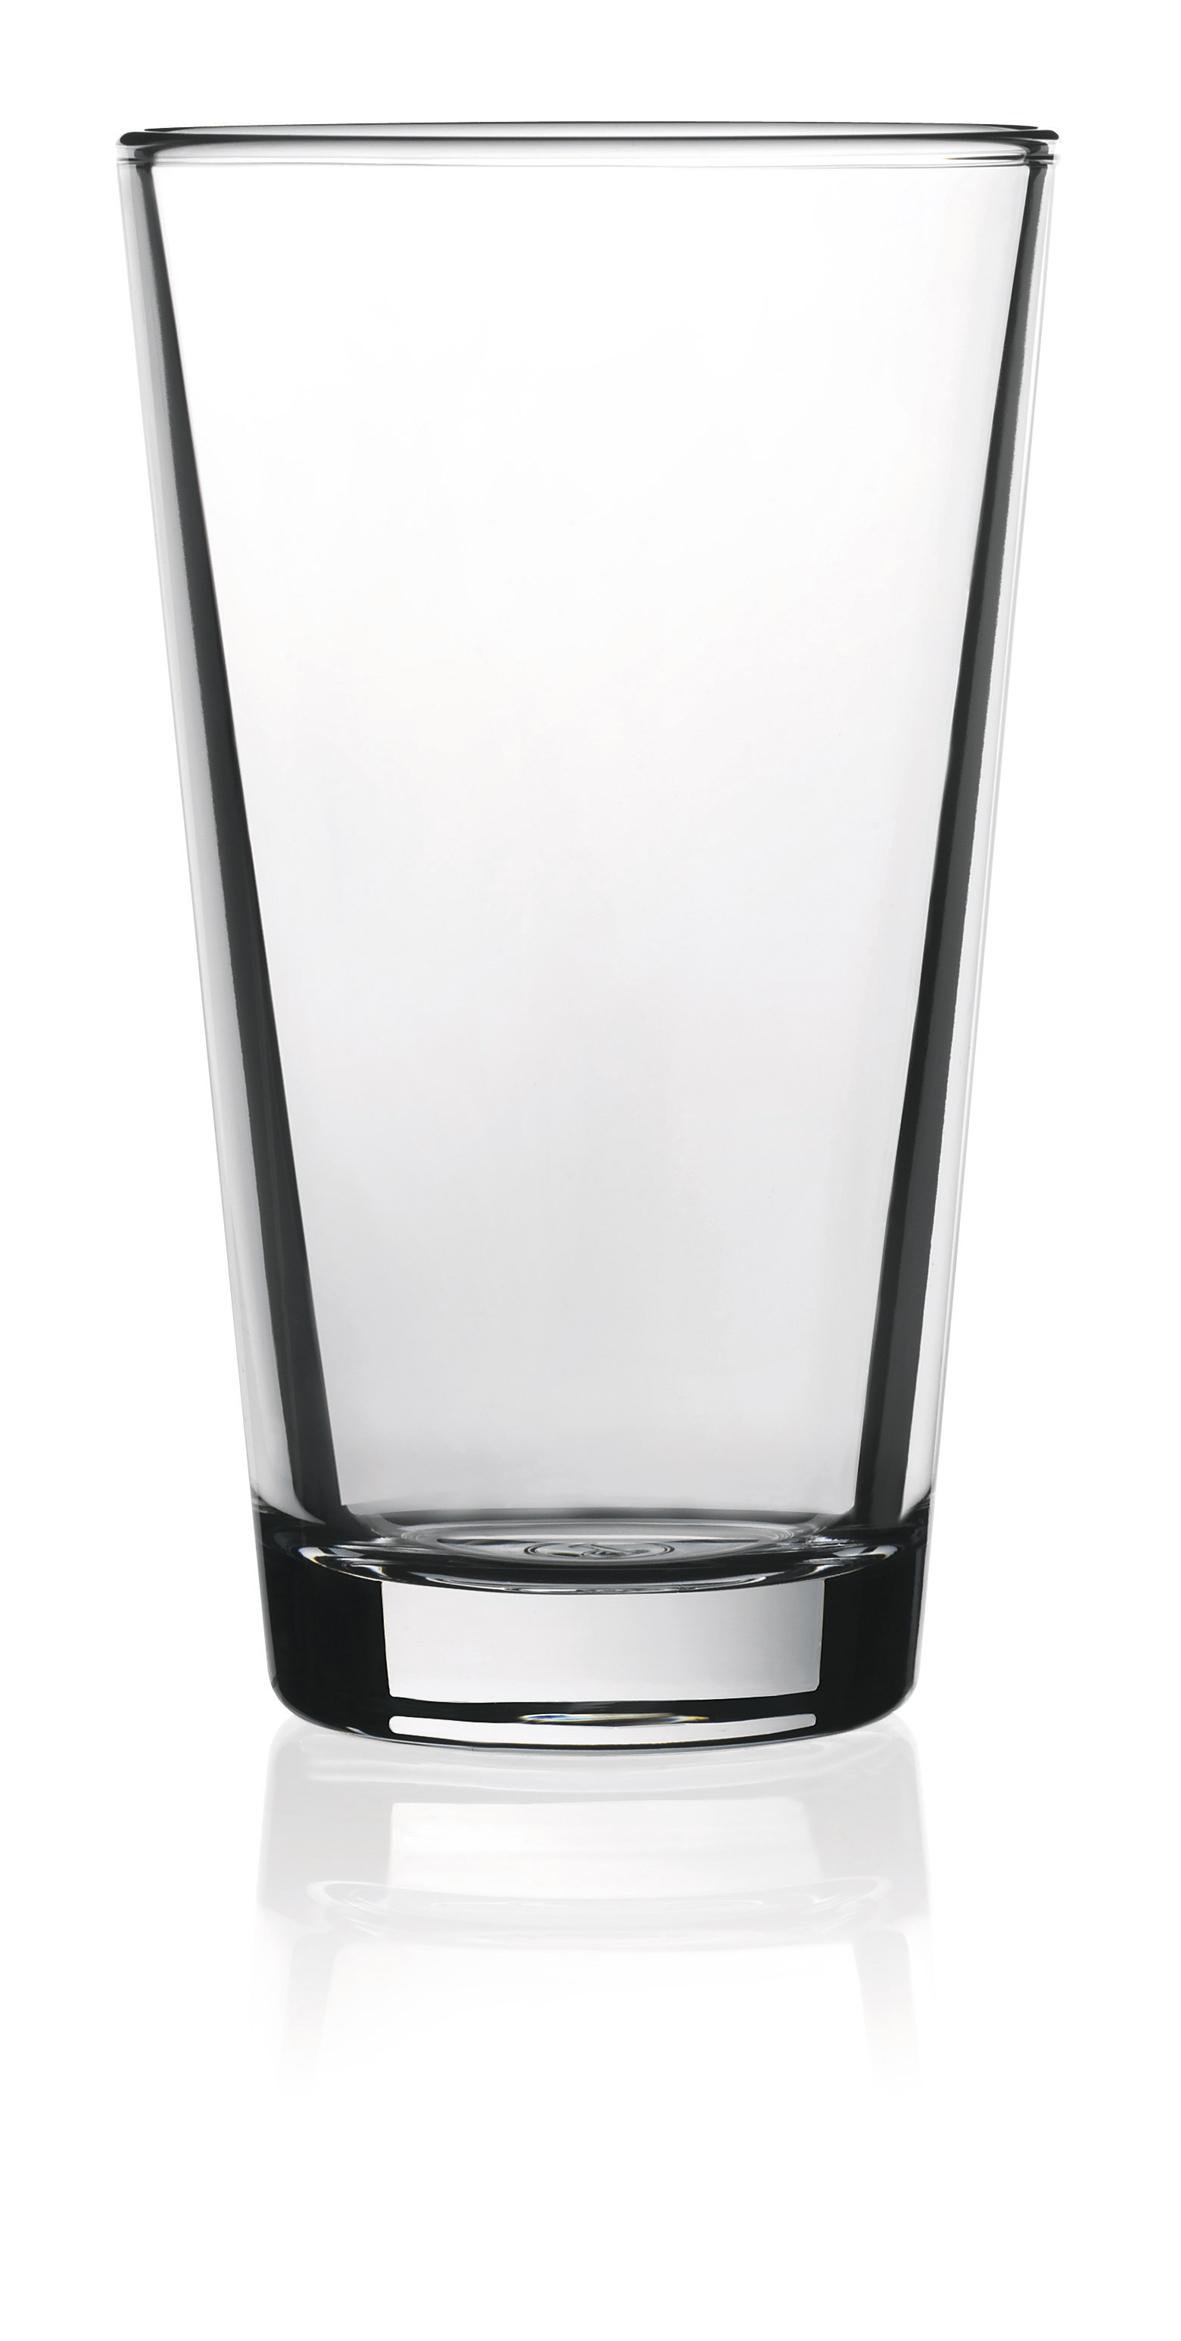 Ölglas, Parma, 0,4.